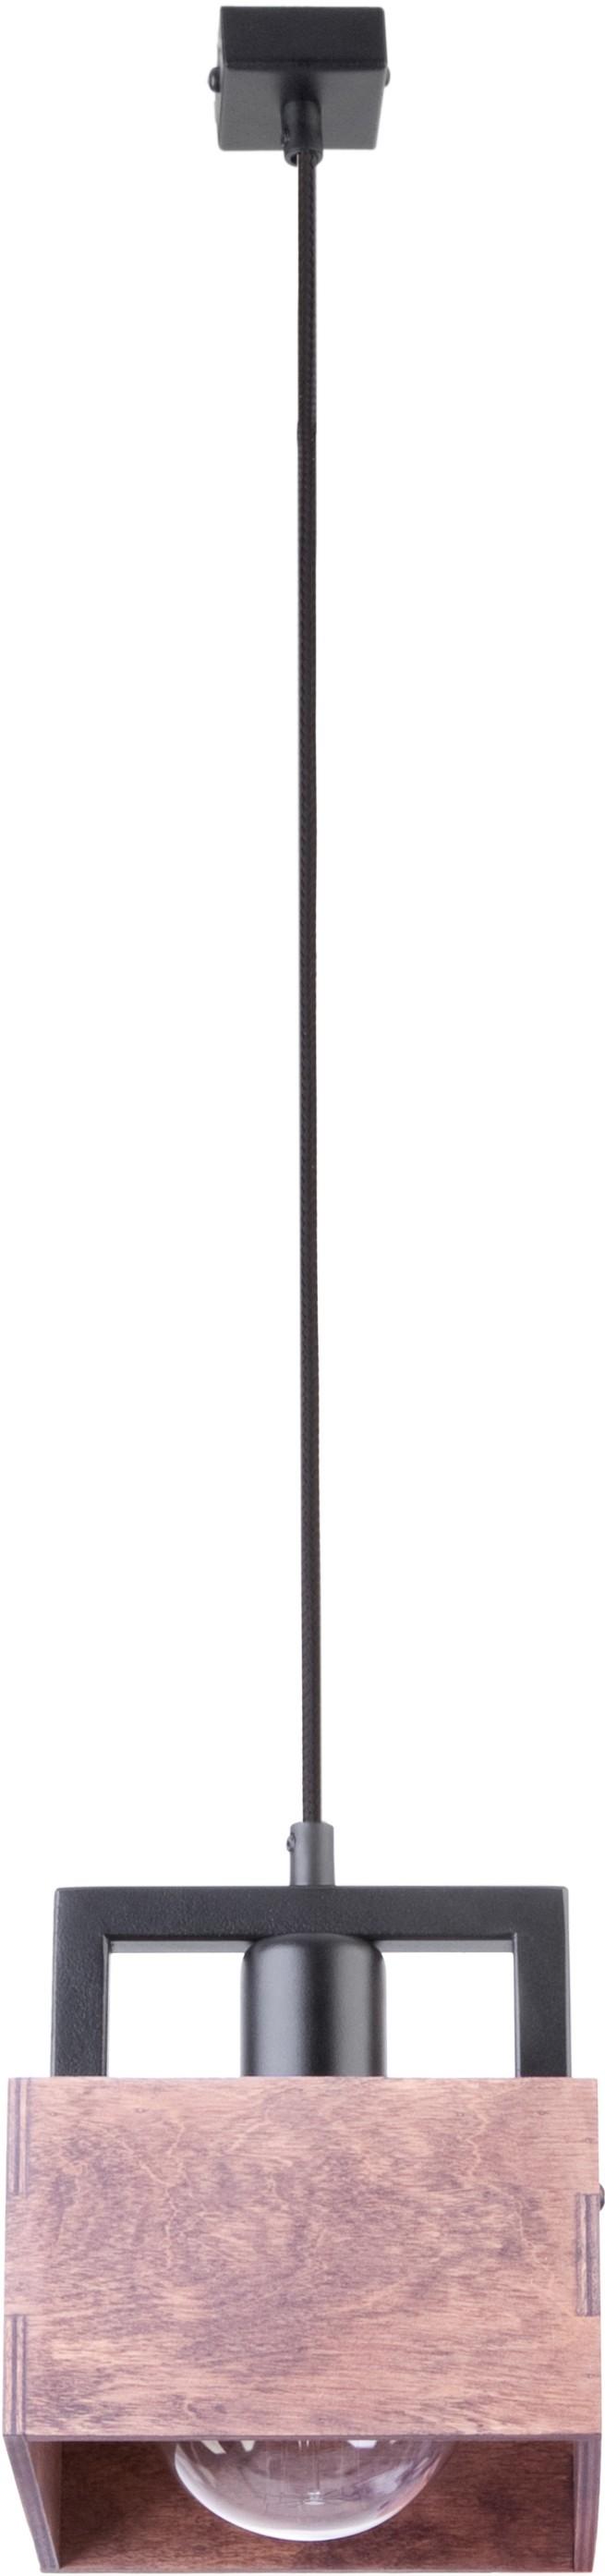 Lampa wisząca DAKOTA 1 BRĄZ 31750 - Sigma Do -17% rabatu w koszyku i darmowa dostawa od 299zł !